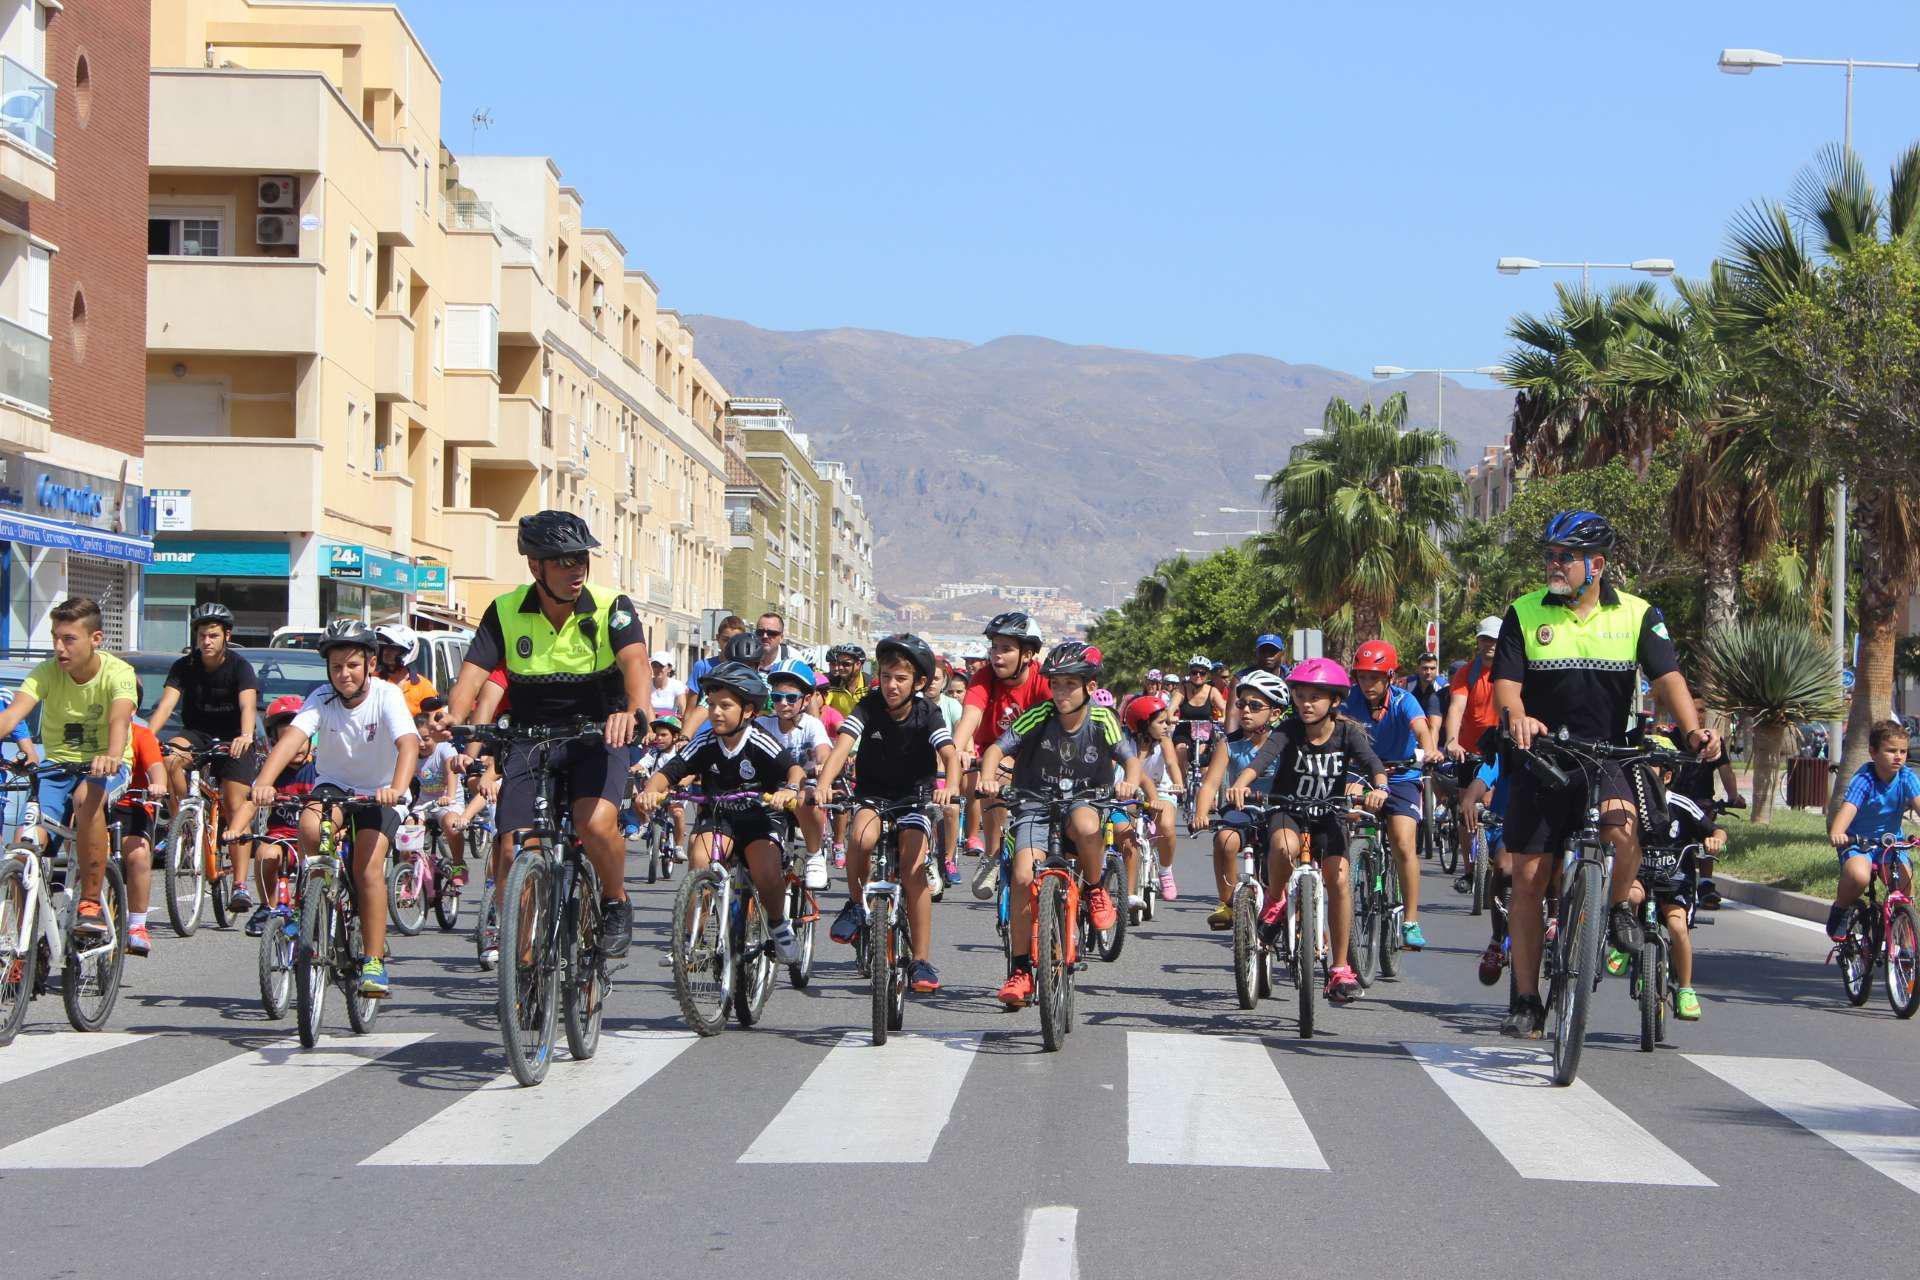 Una multitudinaria ruta ciclista marca el ecuador de la Semana Europea de la Movilidad en Roquetas de Mar